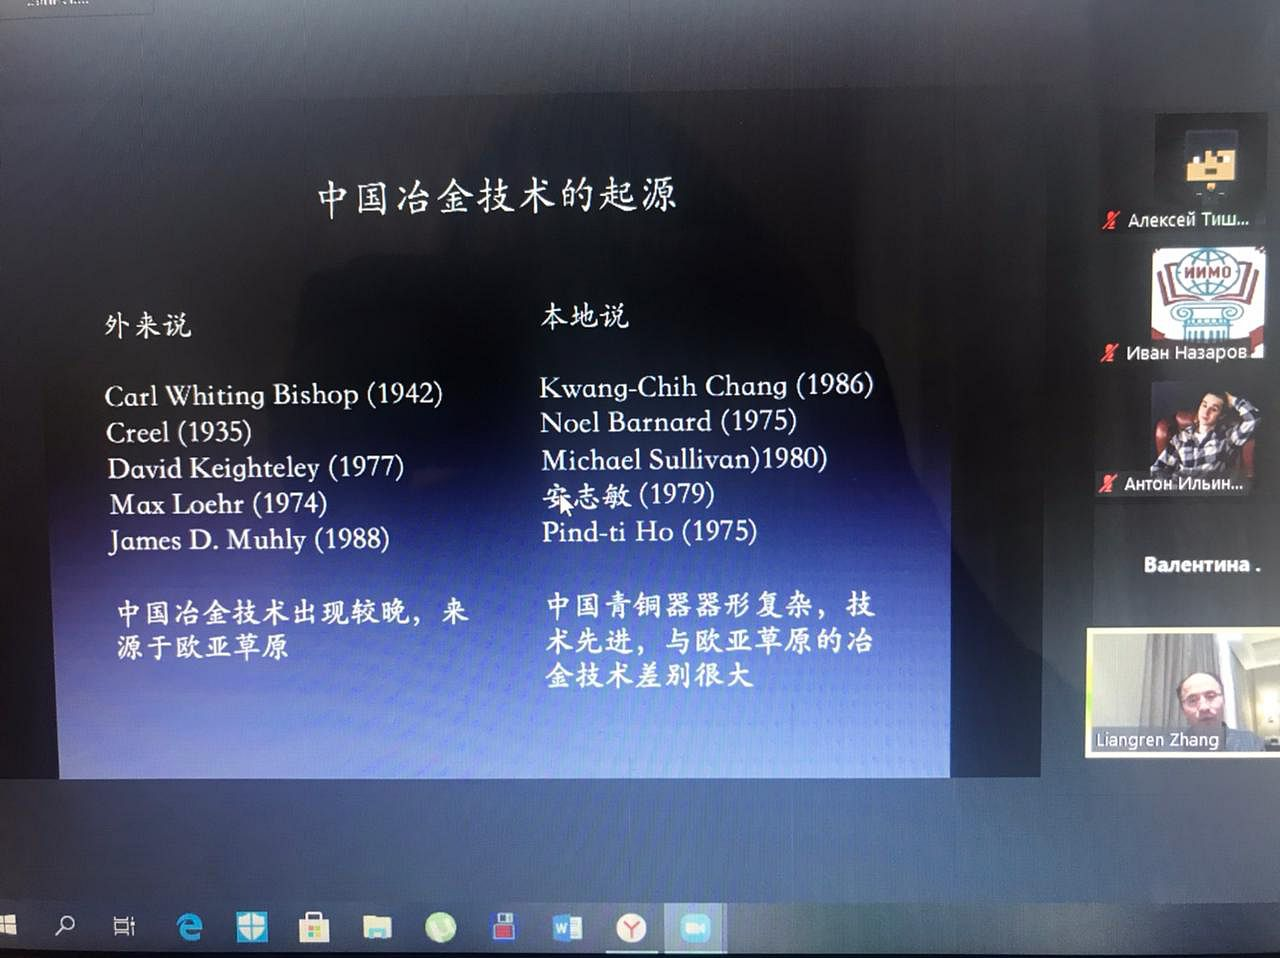 лекция китайского профессора